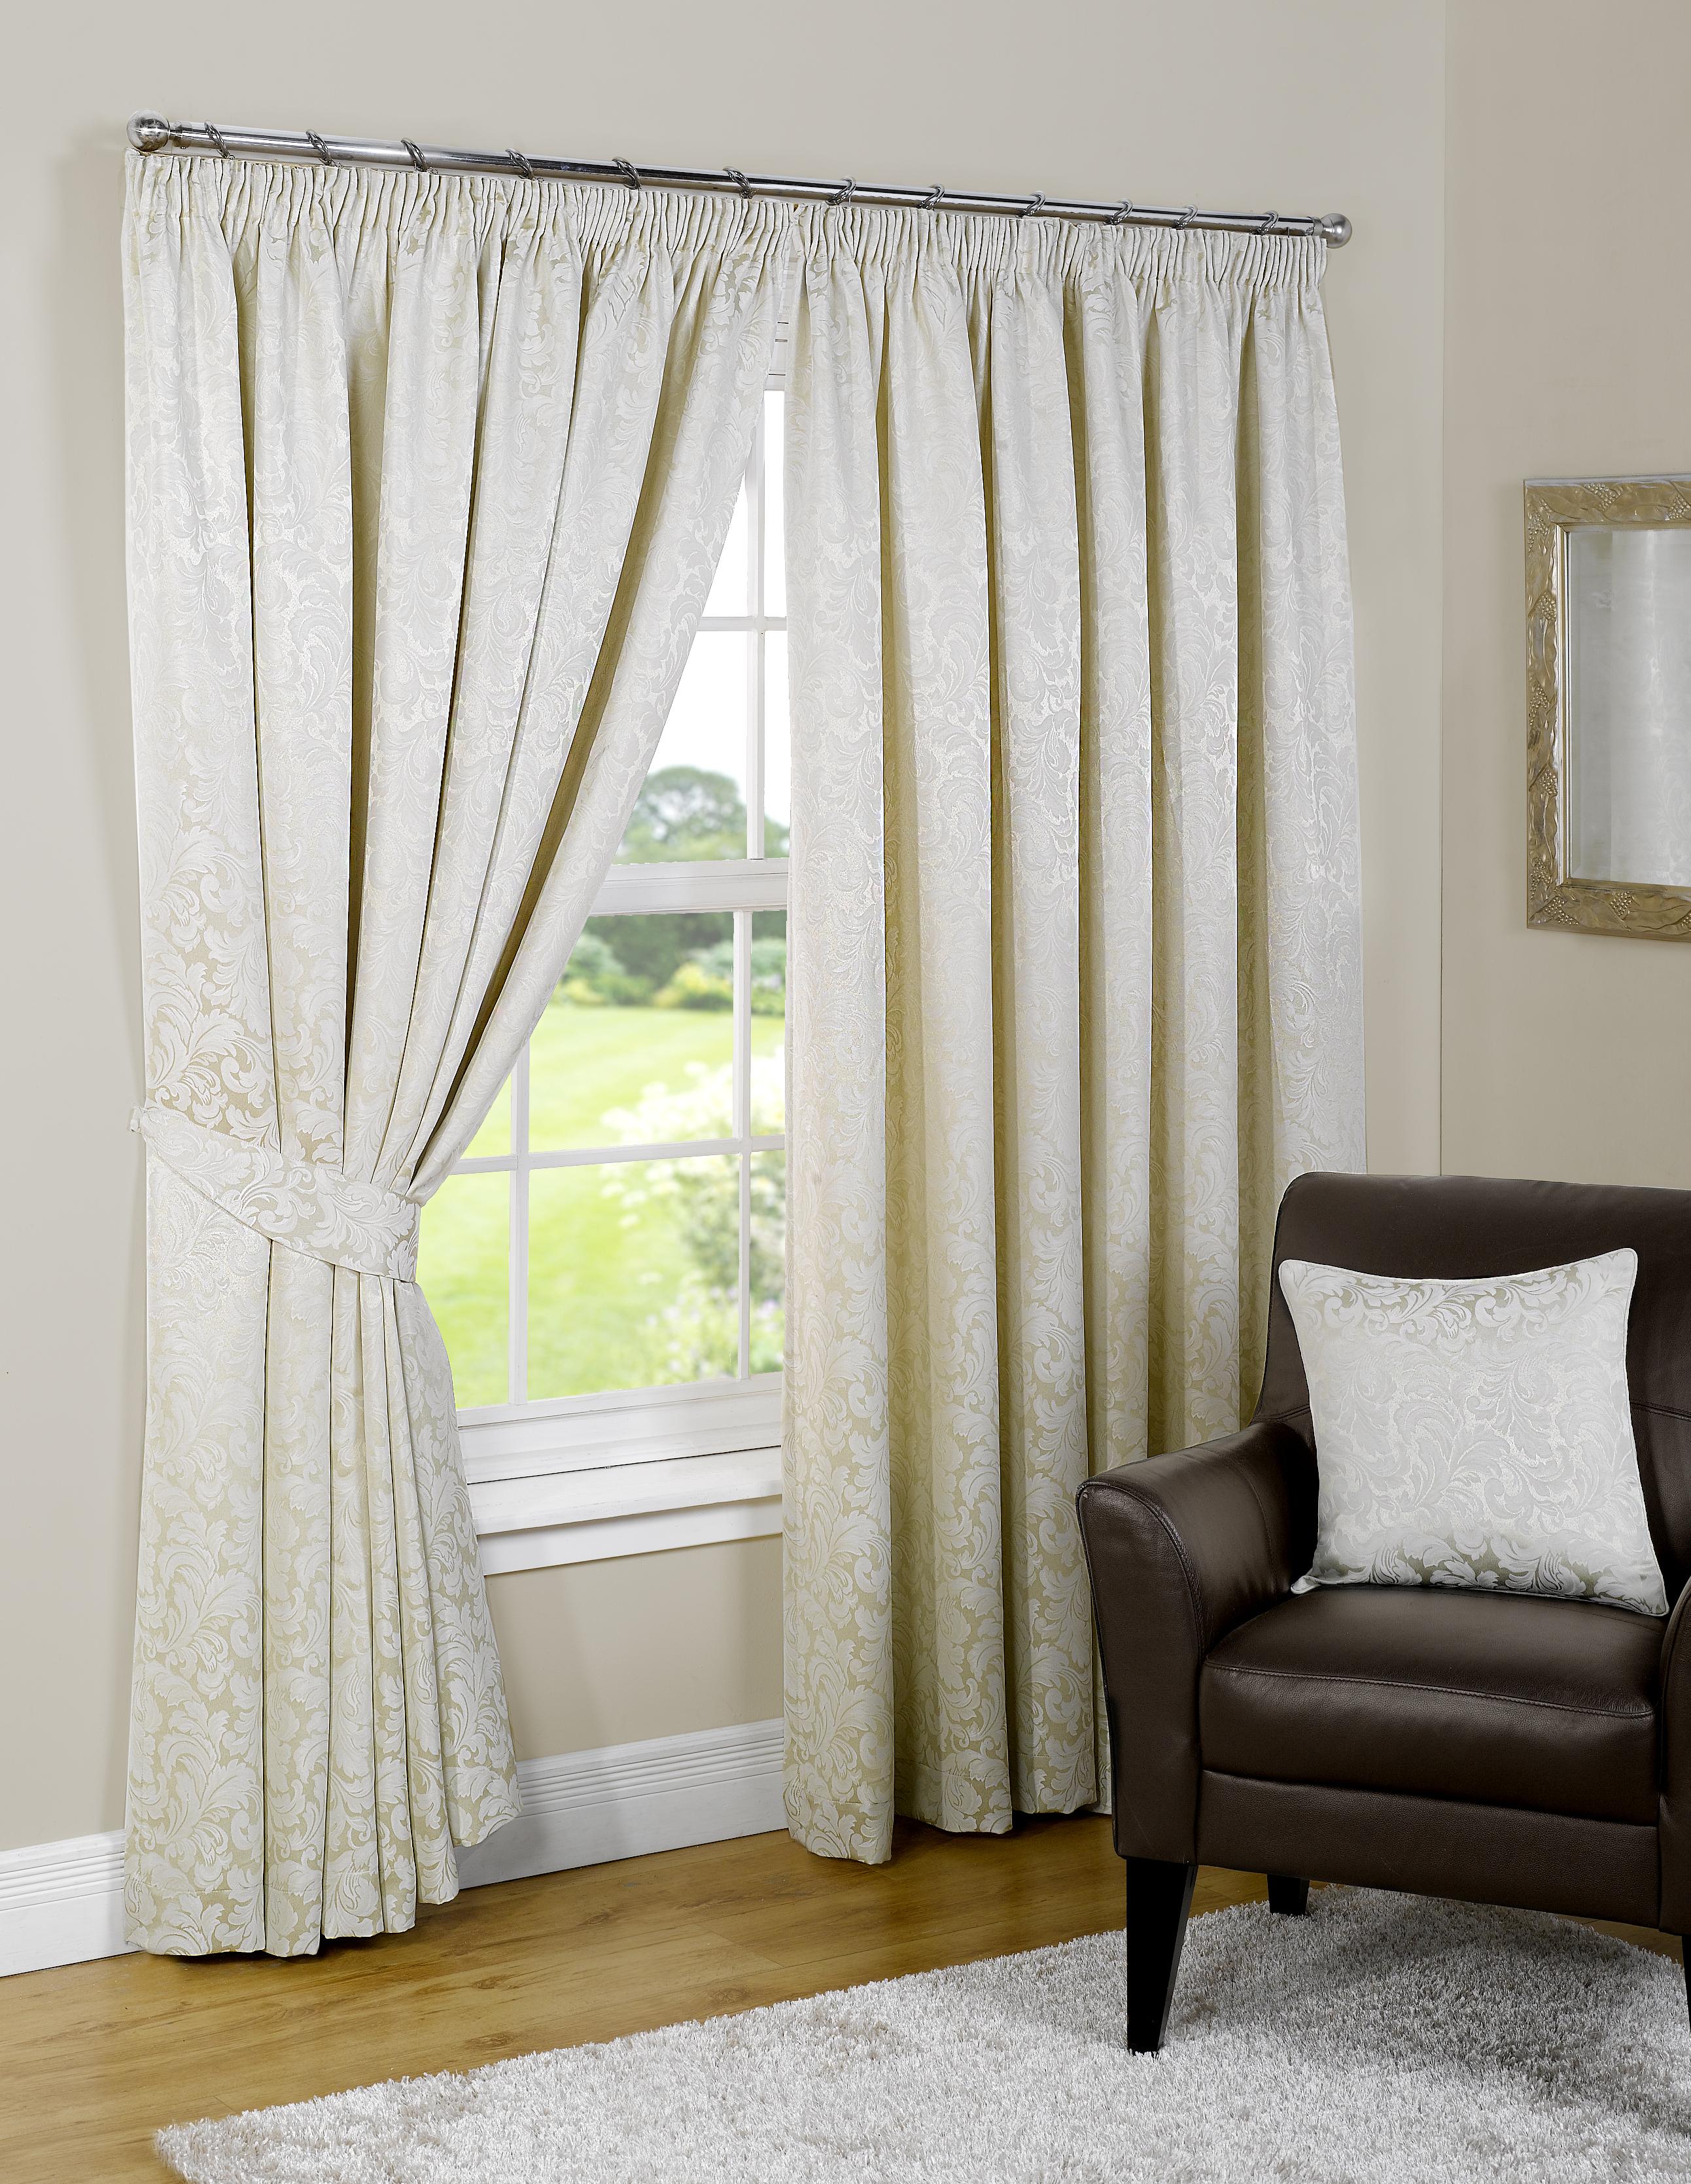 rideaux doubles haut matelass avec embrasses gamme de tailles disponibles ebay. Black Bedroom Furniture Sets. Home Design Ideas